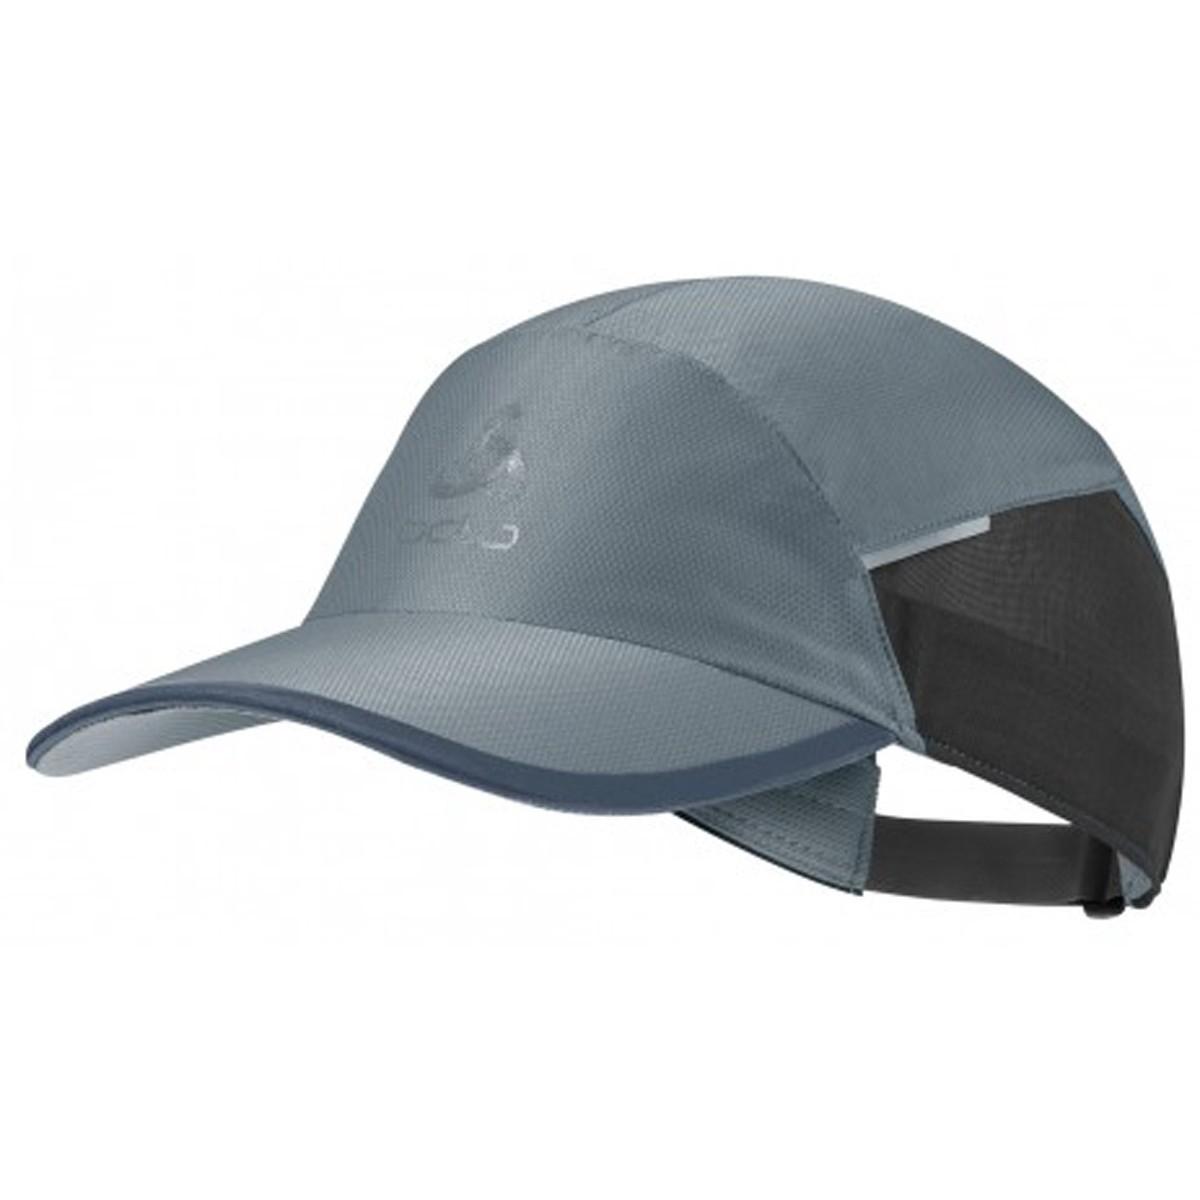 ODLO FAST AND LIGHT CAP